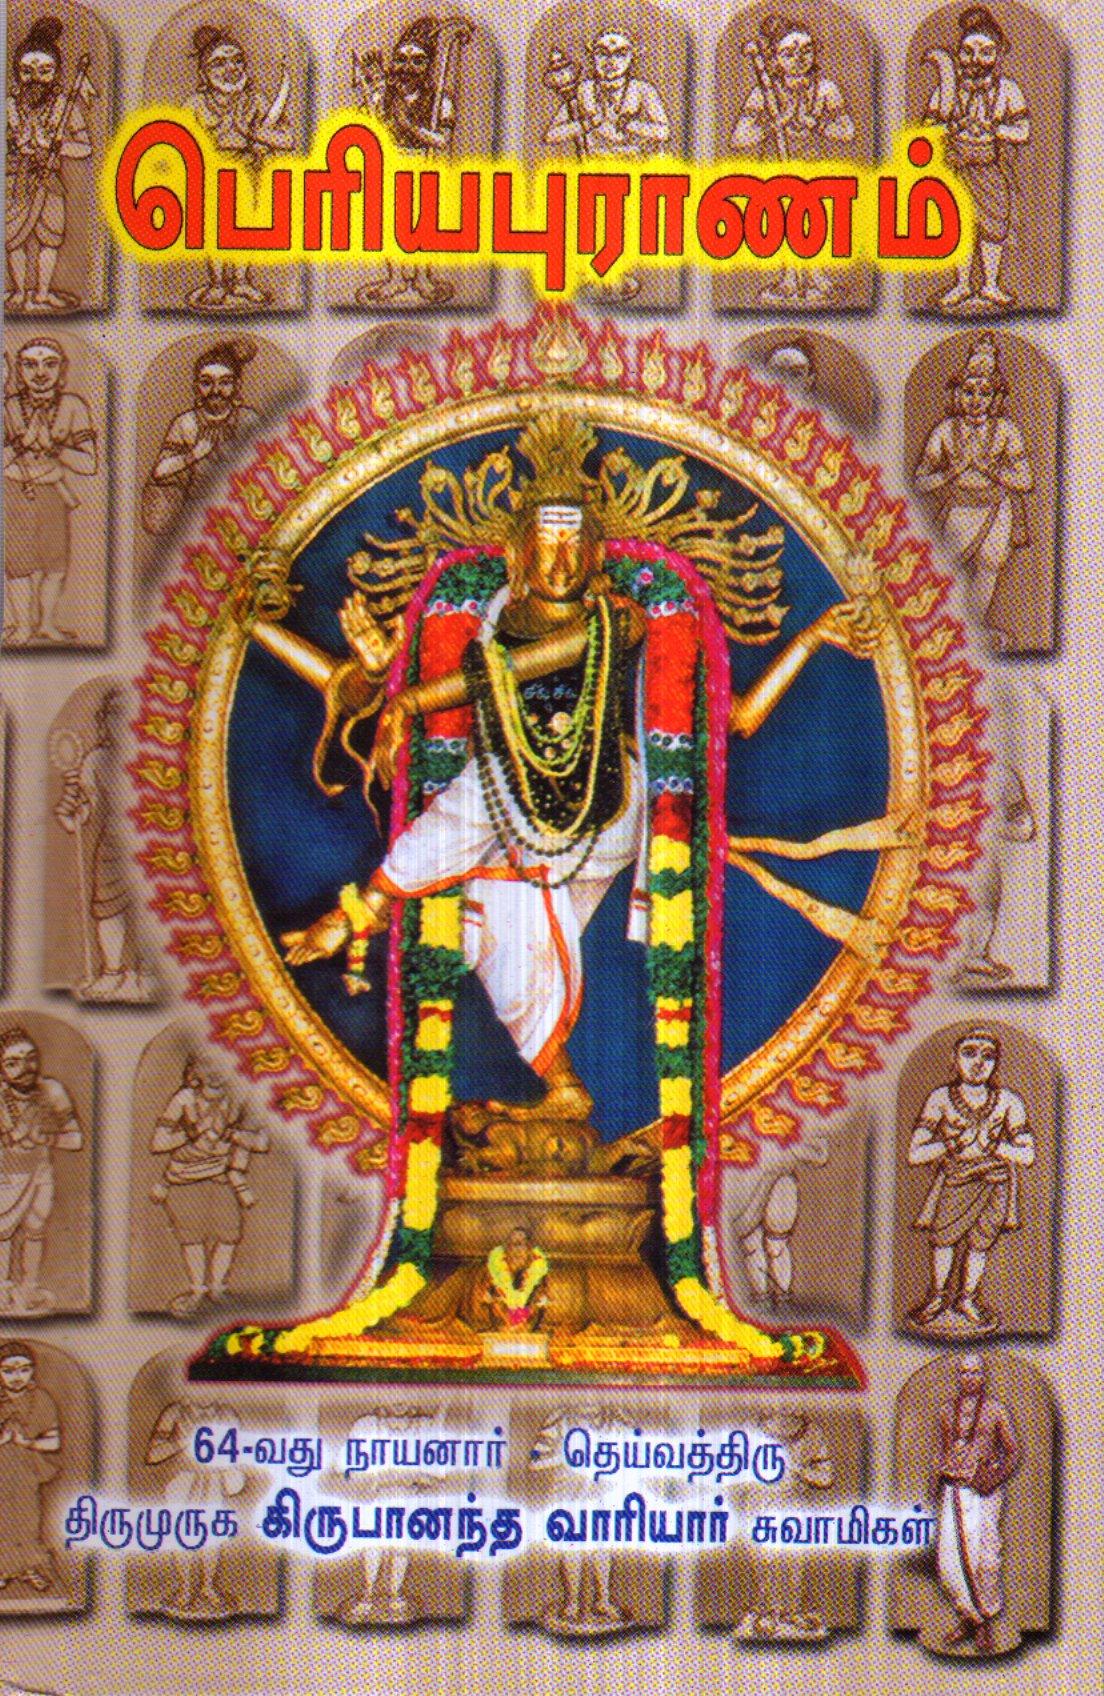 பெரியபுராணம் - Periyapuranam